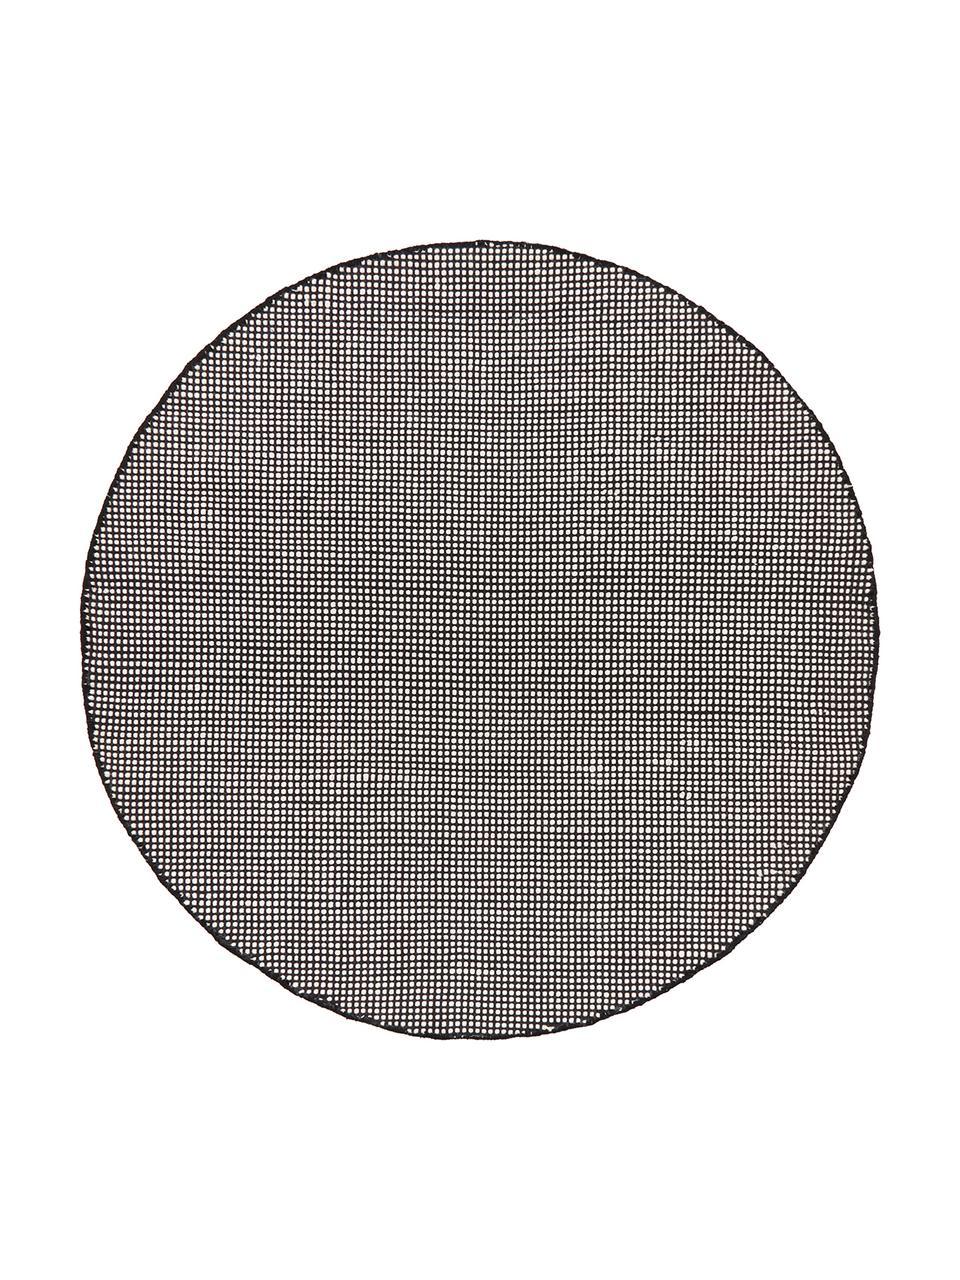 Runder Wollteppich Amaro in Schwarz/Creme, handgewebt, Flor: 100% Wolle, Schwarz, Cremeweiß, Ø 140 cm (Größe M)